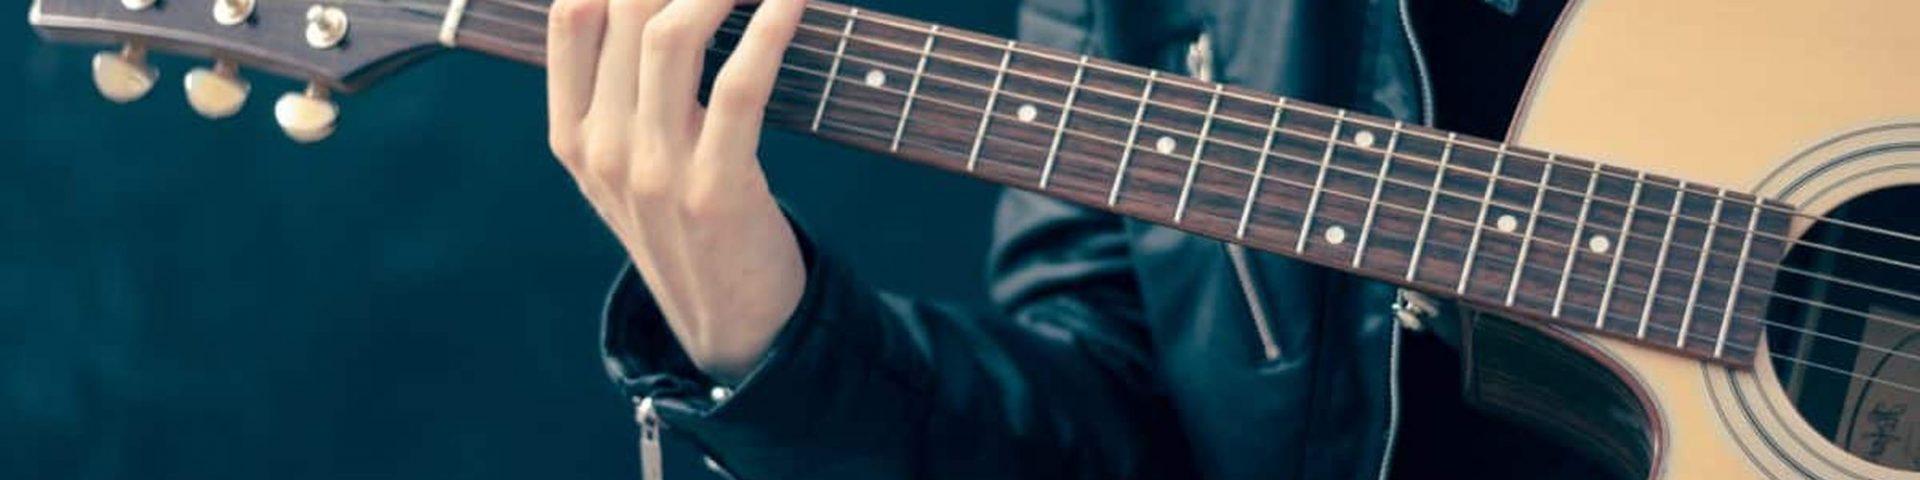 10 canzoni da suonare con la chitarra a Pasquetta 2021